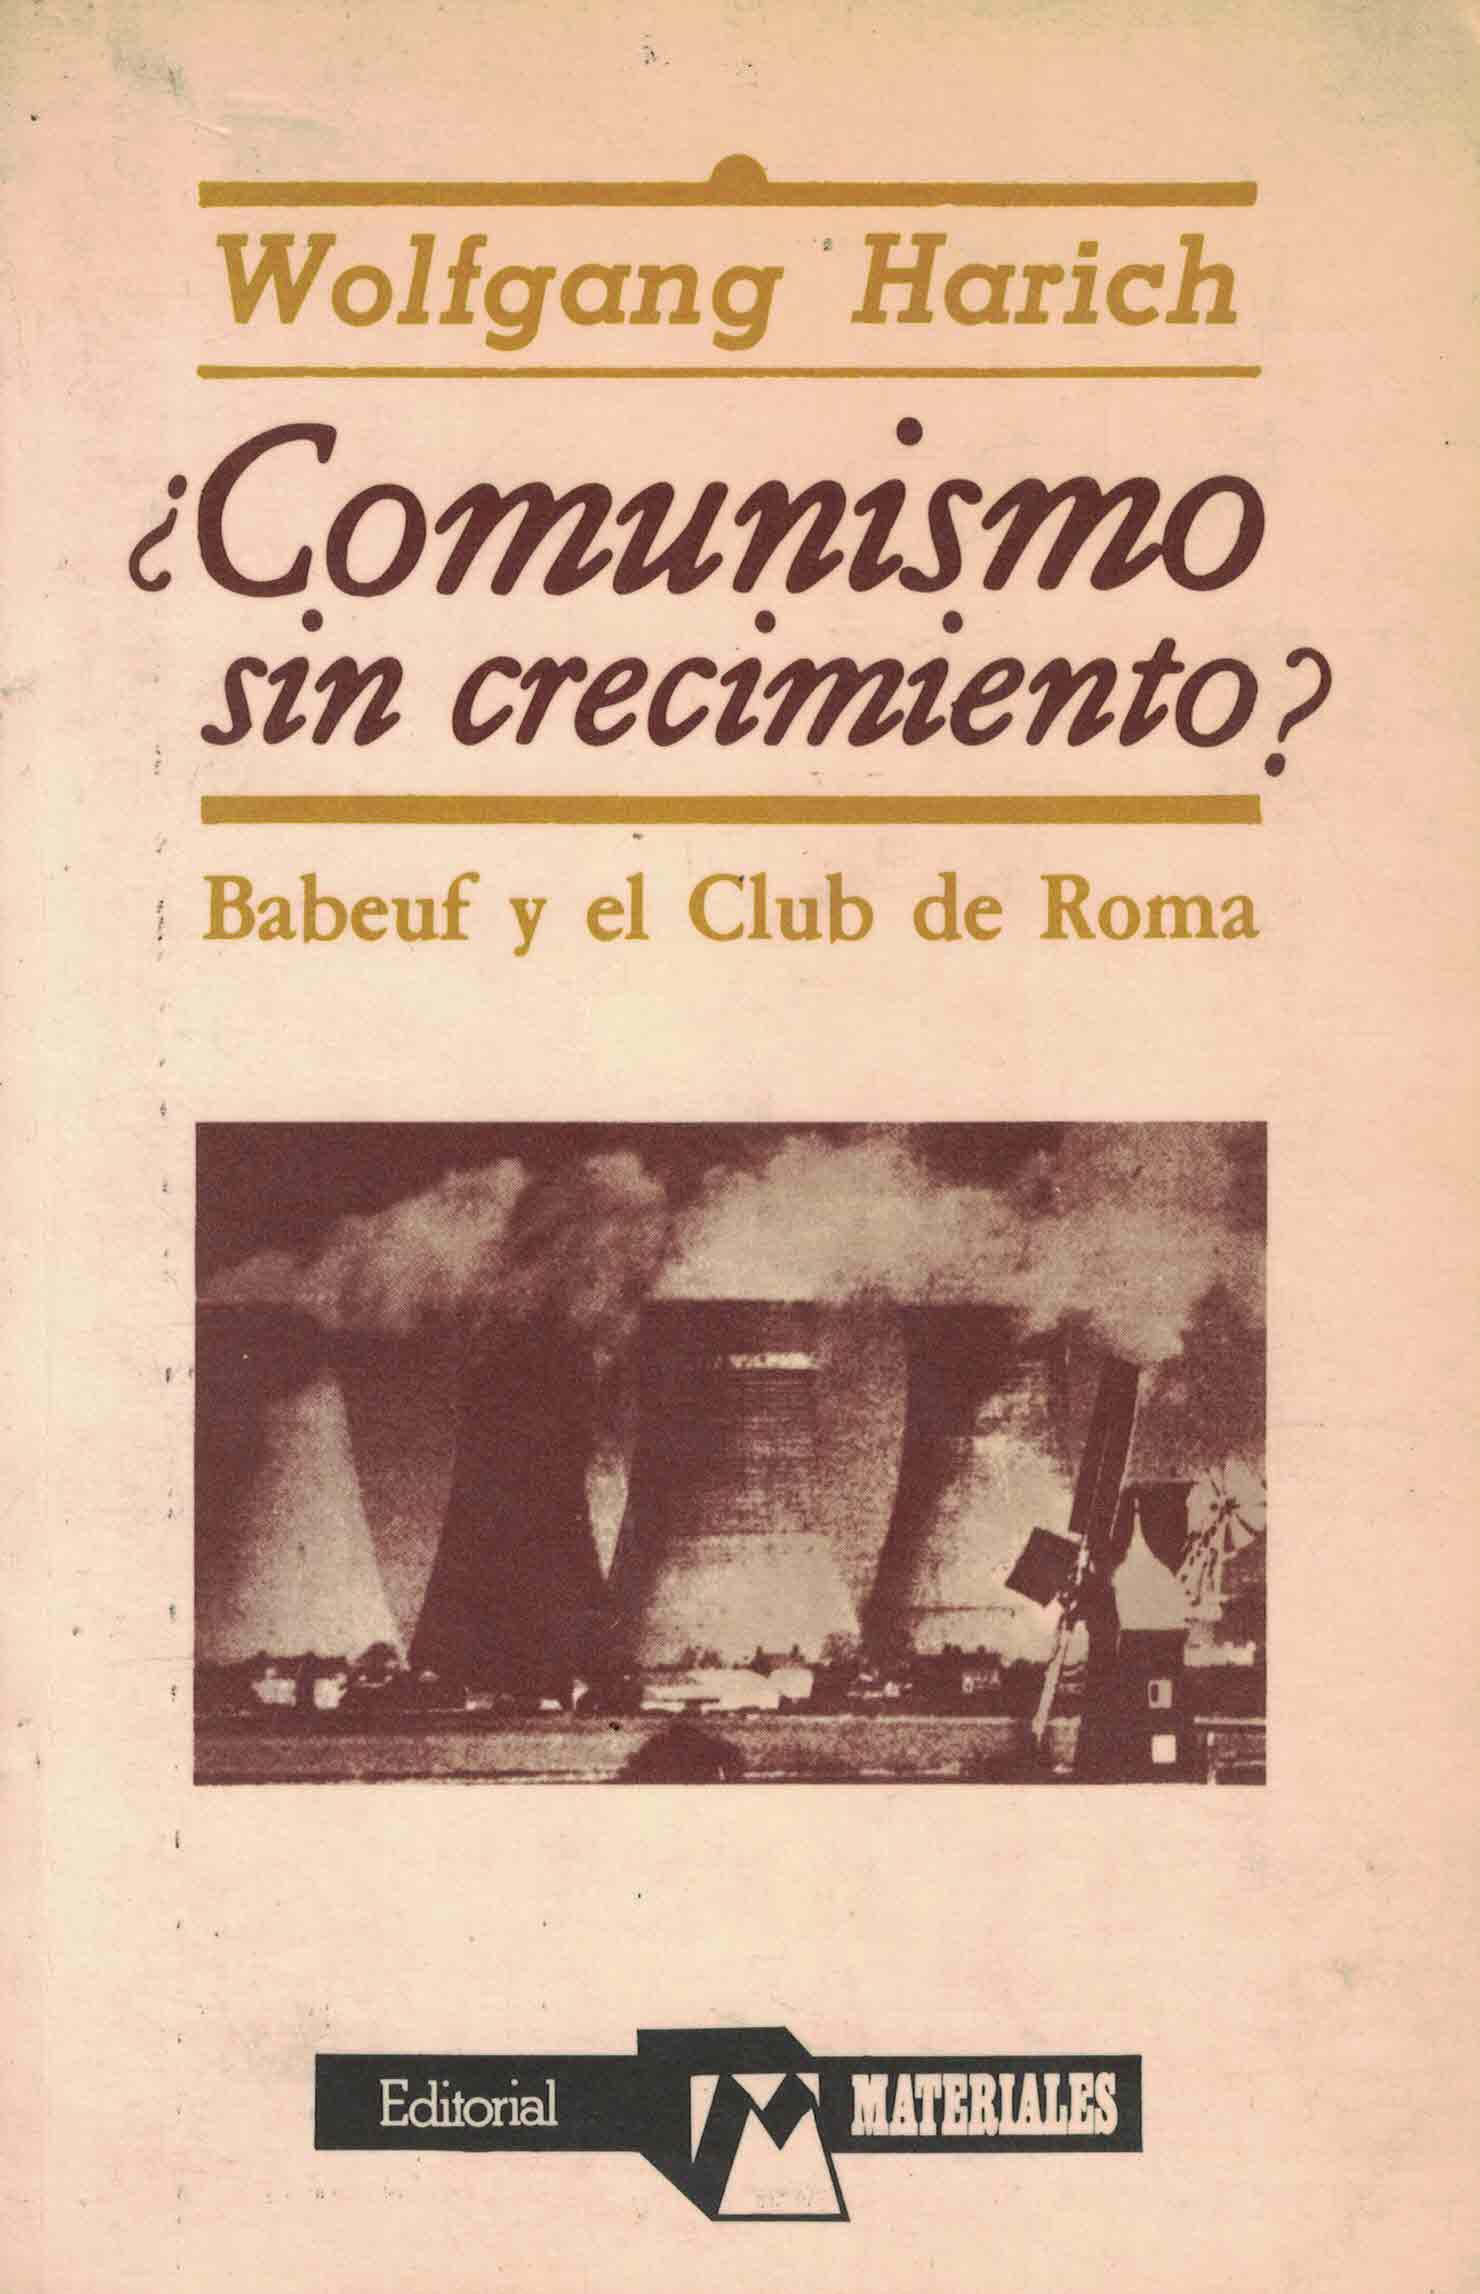 ¿Comunismo sin crecimiento? : Babeuf y el Club de Roma